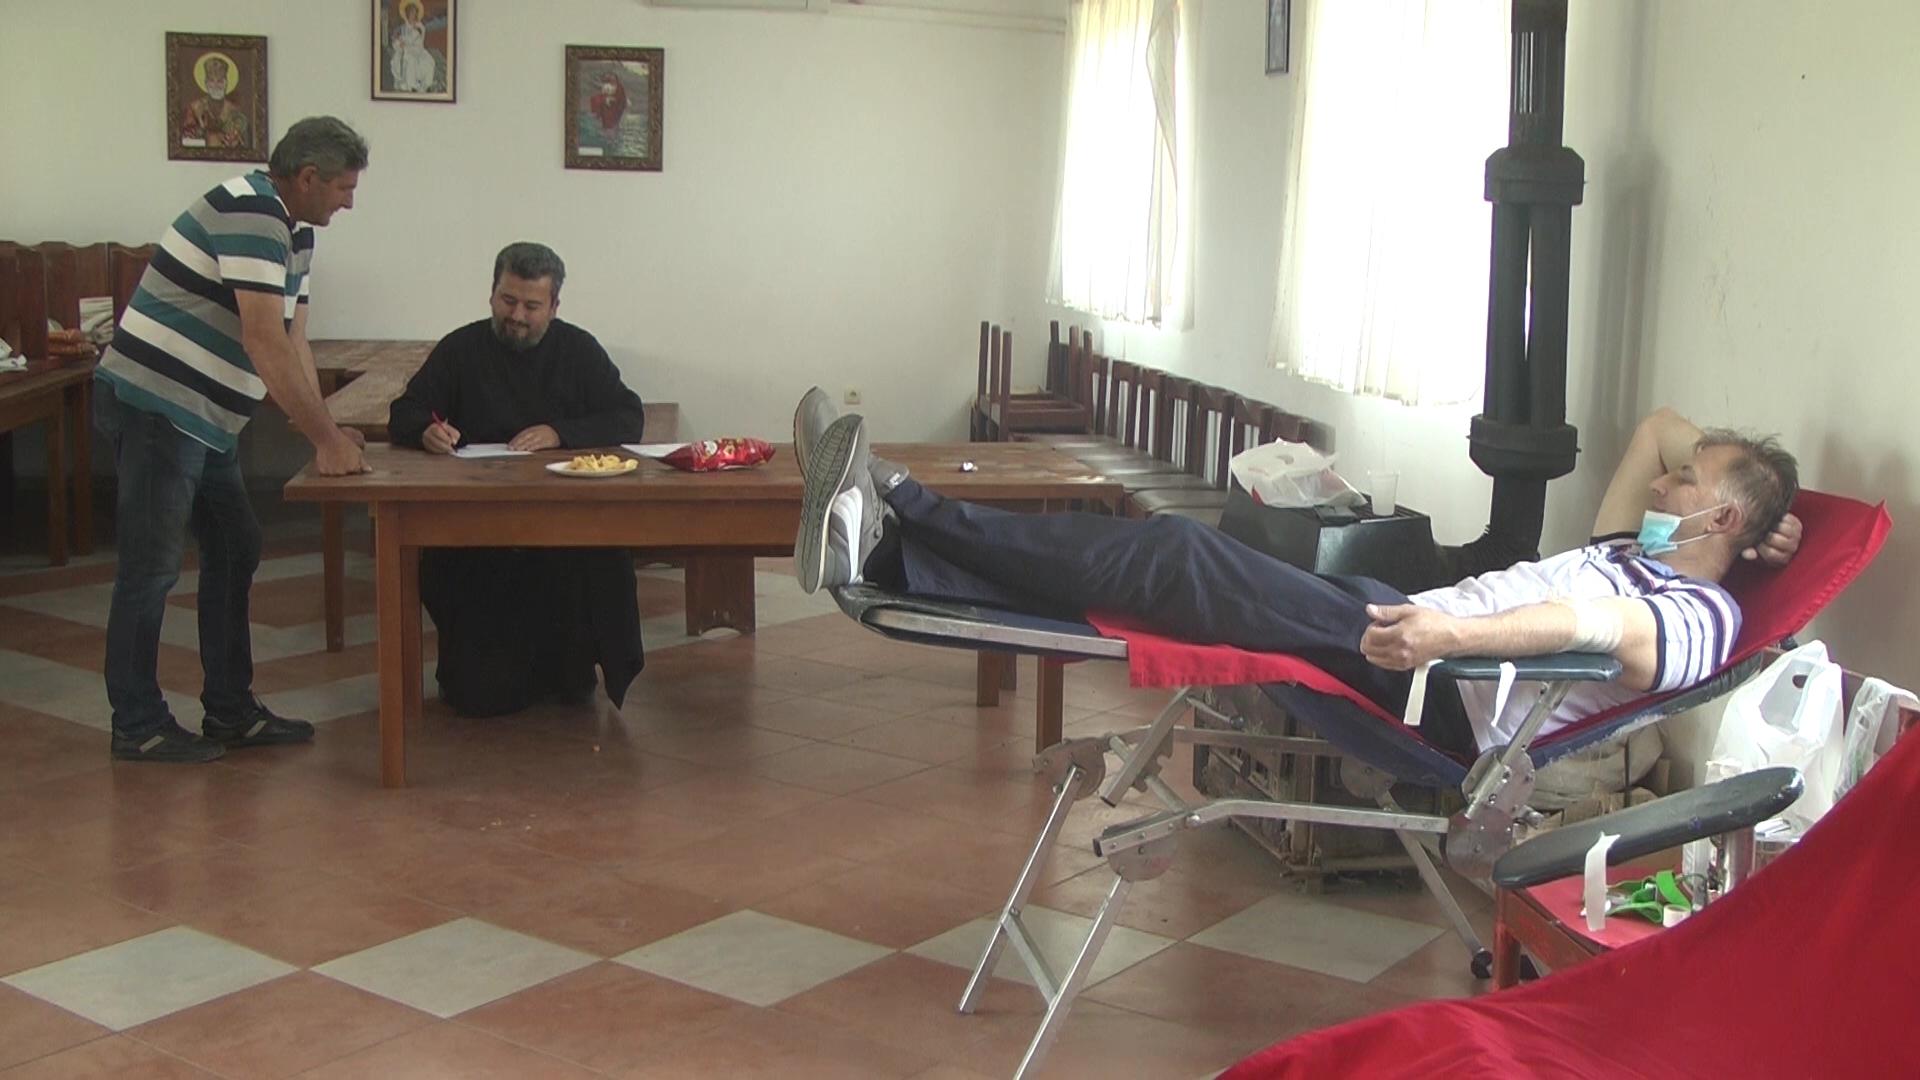 U Vaskršnjoj akciji dobrovoljnog davanja krvi u Velikom Šiljegovcu prikupljena je 41 jedinica